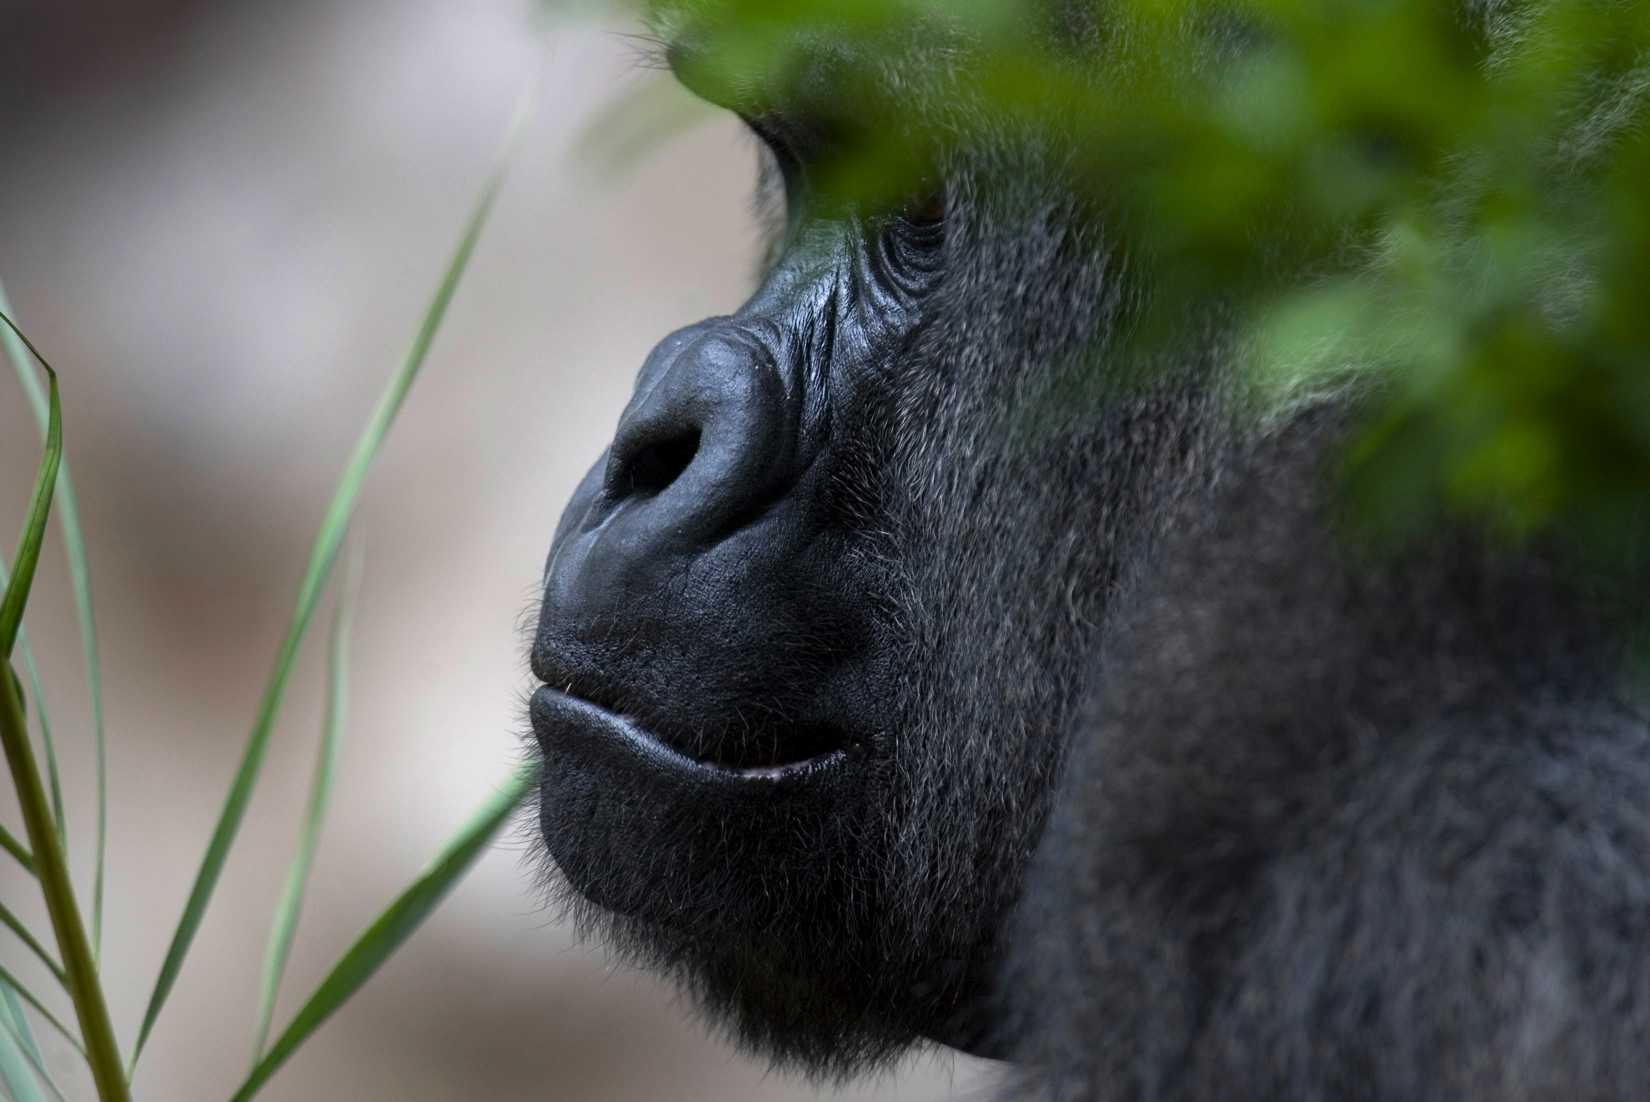 A gorilla hides behind a tree at the Loro Parque Zoo in Puerto de La cruz in Spain's Canary Island of Tenerife April 15, 2008.